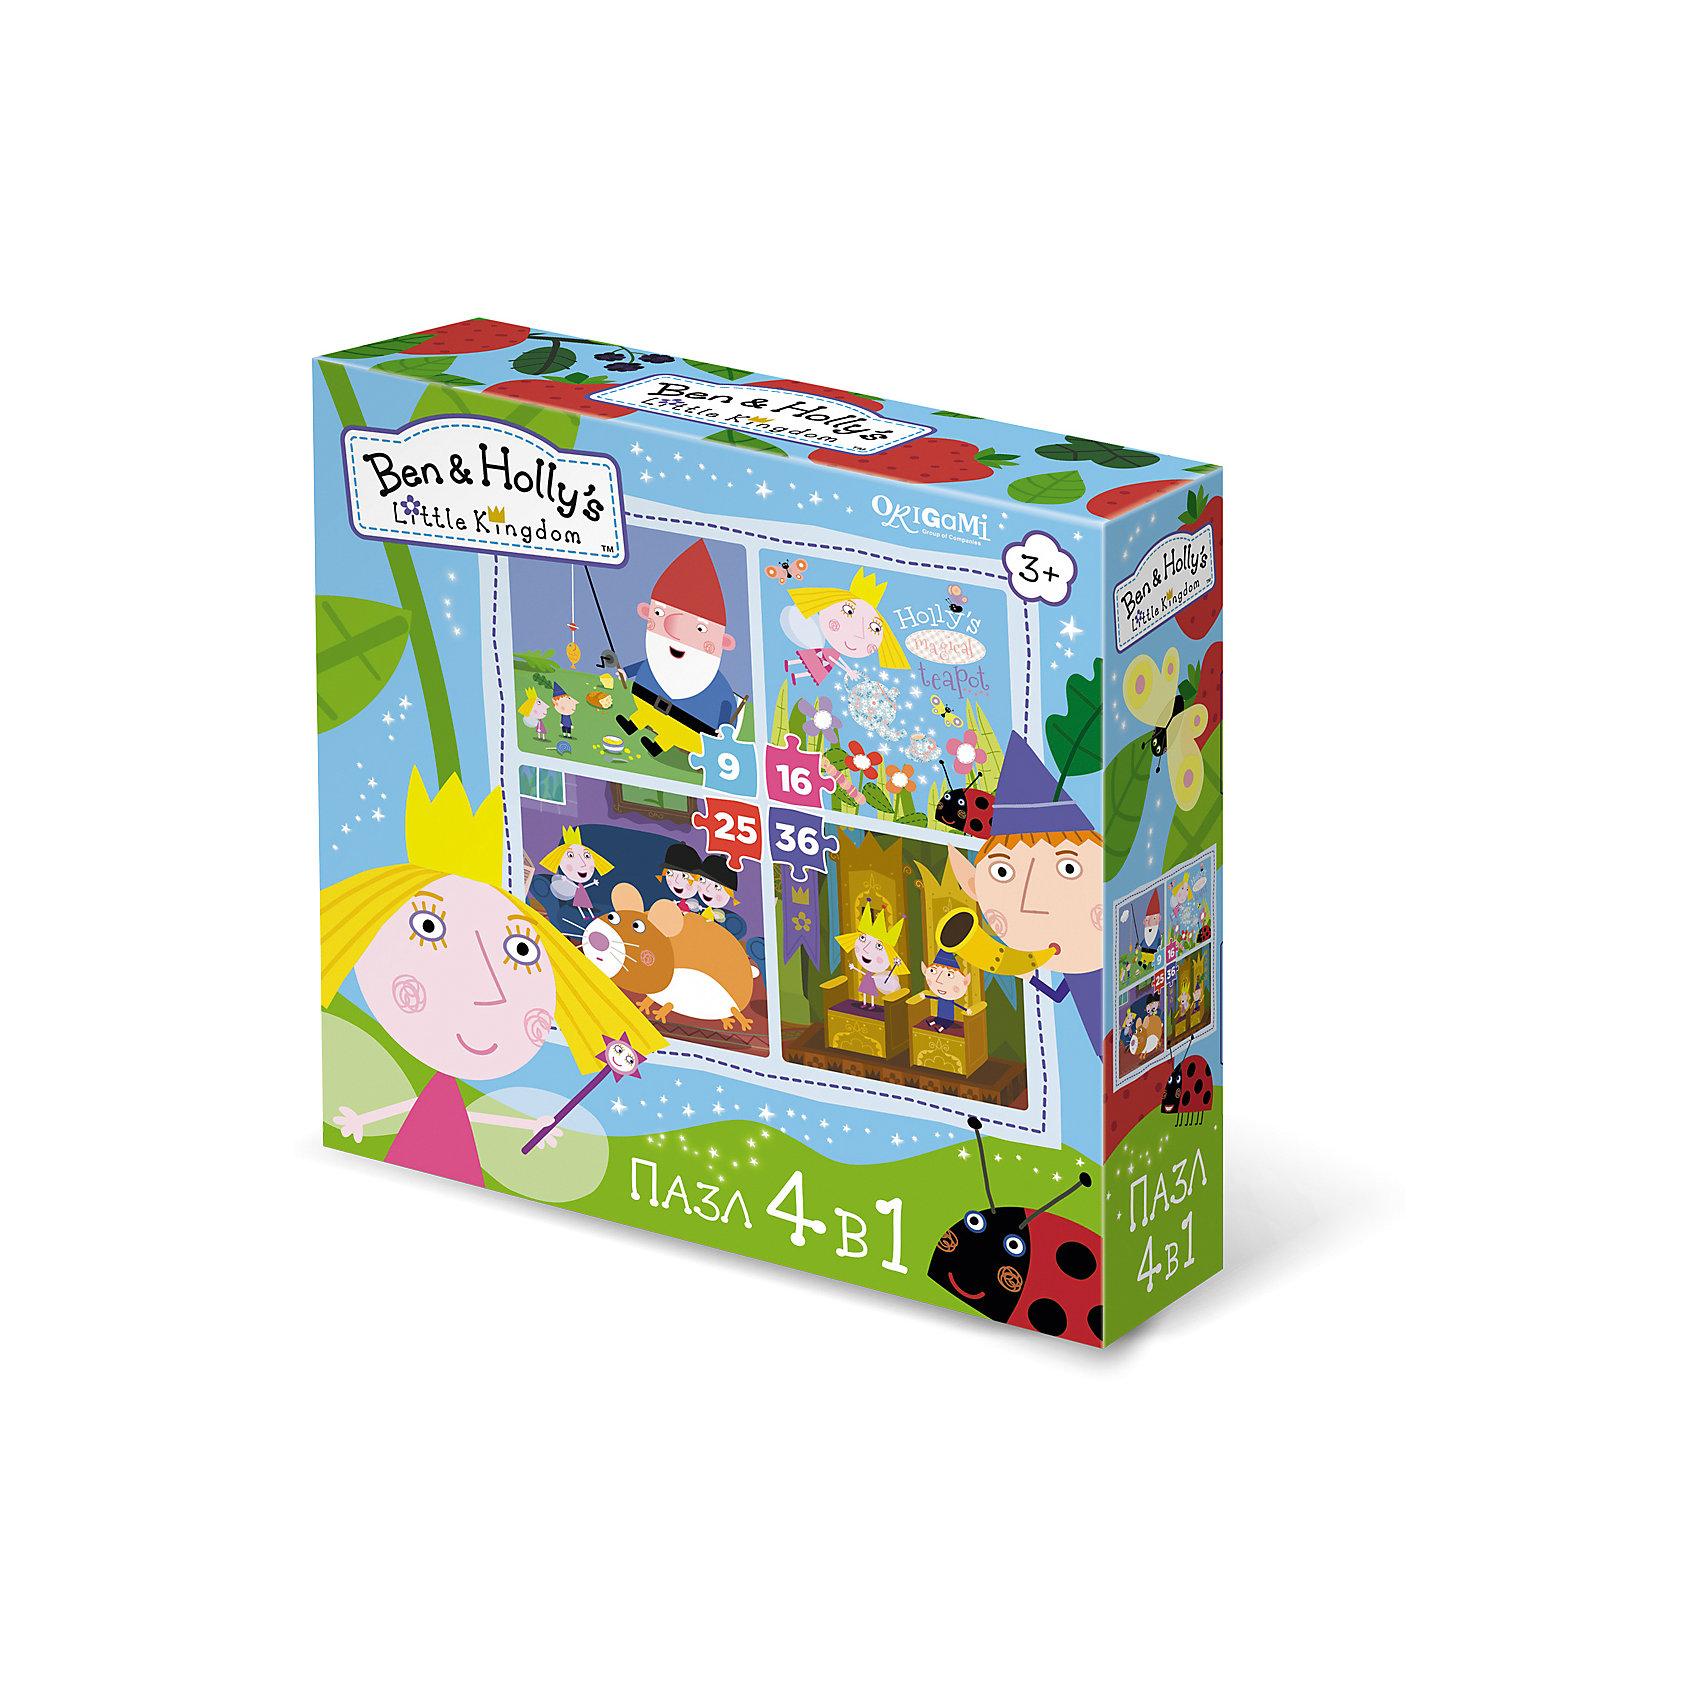 Пазл 4 в 1 В королевстве, Бен и Холли, OrigamiПазлы для малышей<br>Пазл 4 в 1 В королевстве, Бен и Холли, Origami<br><br>Характеристики:<br><br>• Количество элементов: 360 шт.<br>• Размер упаковки: 18 *6*18 см<br>• Размер готовой картинки: 22 * 22 см<br>• Состав: бумага, картон<br>• Вес: 150 г<br>• Для детей в возрасте: от 3до 5 лет<br>• Страна производитель: Россия<br><br>Эта игра состоит из 4 наборов пазл: первый состоит из 9 деталей, второй - из 16, третий - из 25 и четвертый состоит из 36 деталей. Ребенок может начать с малого количества деталей, и, если у него получится он может перейти на более высокий уровень. Высококачественный пазл отлично собирается, благодаря хорошо подходящим друг к другу деталям. Вы с легкостью сможете склеить кусочки, превратив пазл в красивую картину, или можете разобрать его и снова собрать позже.<br><br>Пазл 4 в 1 В королевстве, Бен и Холли, Origami можно купить в нашем интернет-магазине.<br><br>Ширина мм: 180<br>Глубина мм: 60<br>Высота мм: 180<br>Вес г: 150<br>Возраст от месяцев: 36<br>Возраст до месяцев: 84<br>Пол: Унисекс<br>Возраст: Детский<br>SKU: 5528450